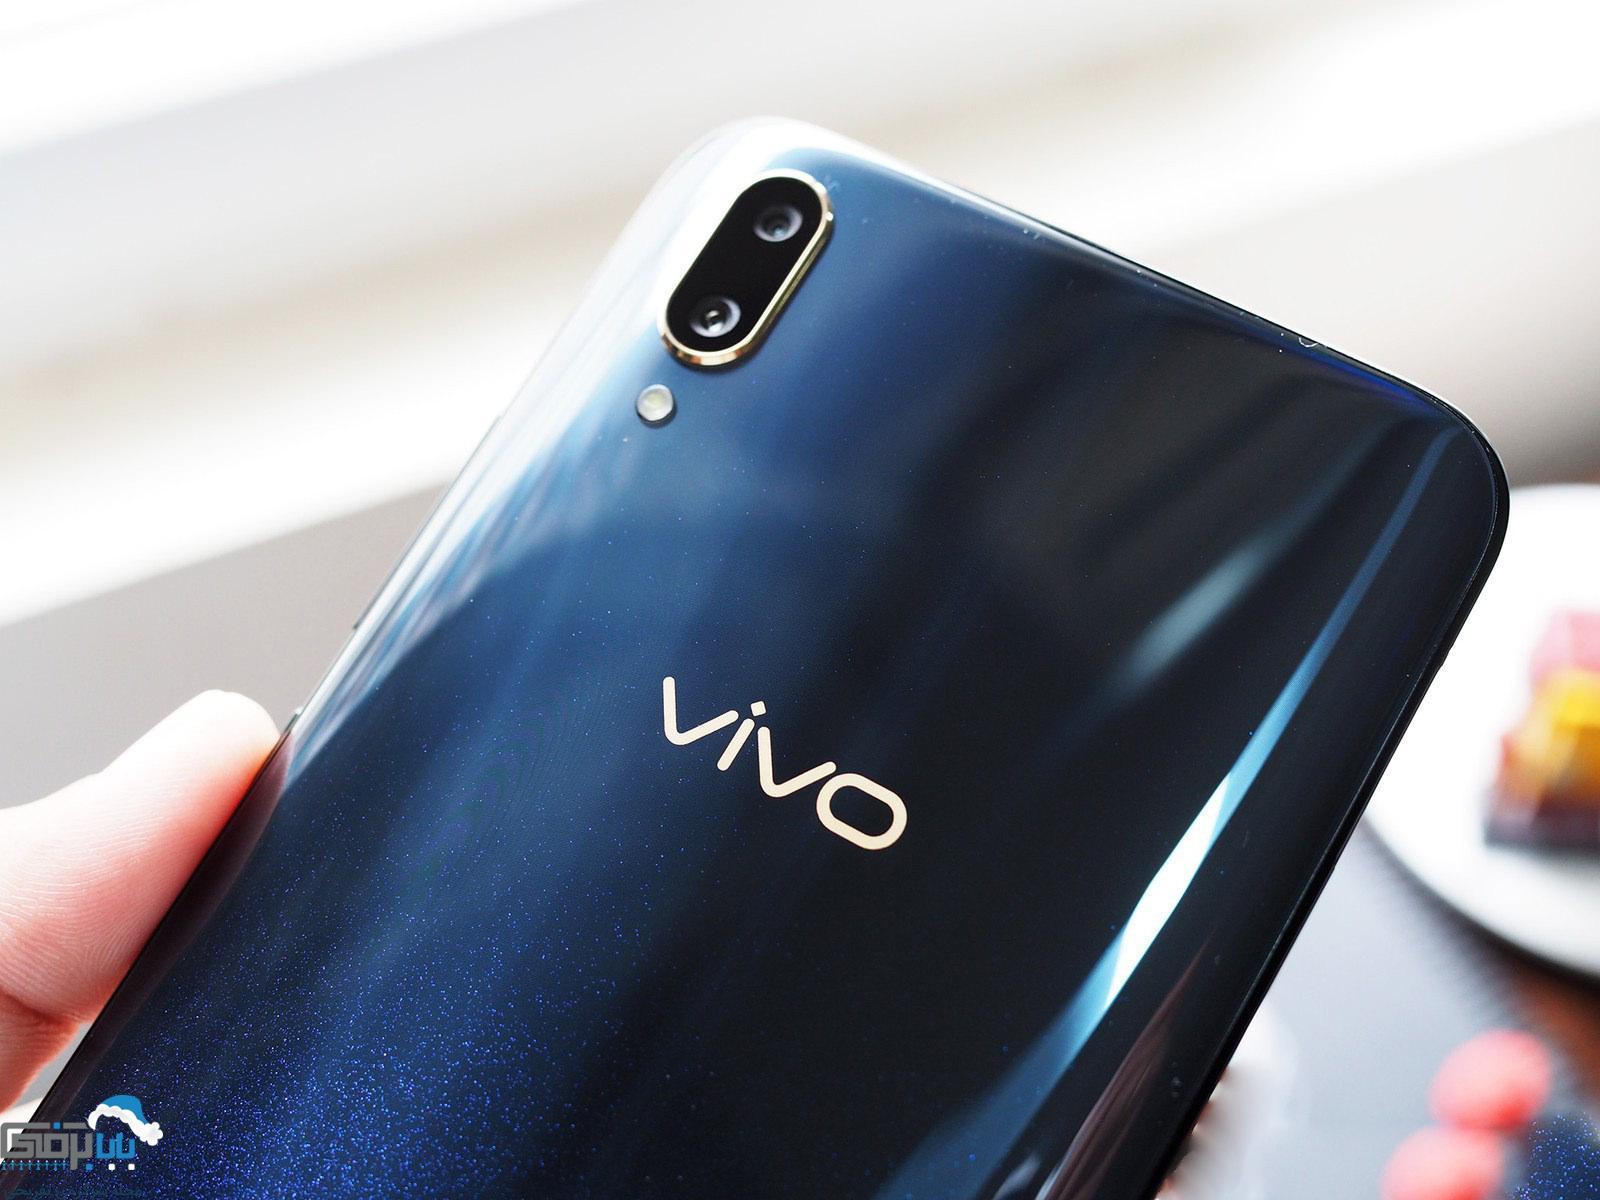 ویوو V11 معرفی شد؛ حسگر اثر انگشت یکپارچه با نمایشگر، ۶ گیگابایت رم و اسنپدراگون ۶۶۰